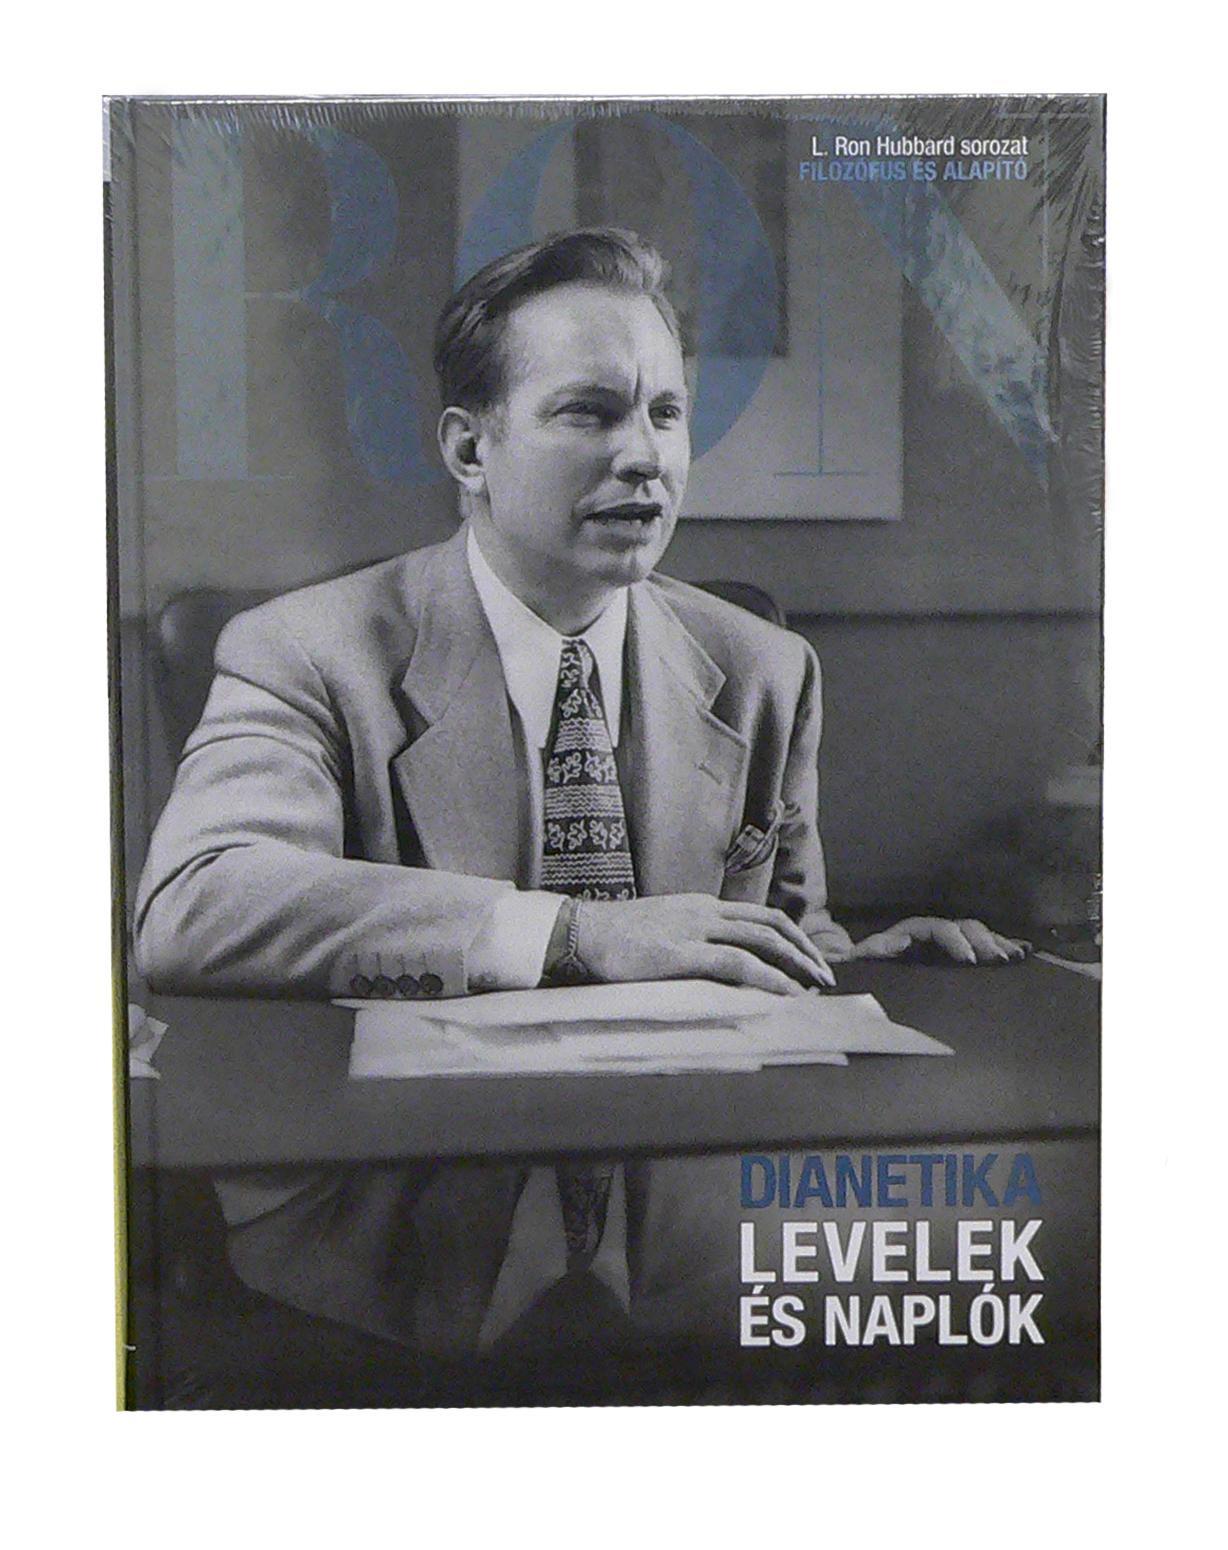 LEVELEK ÉS NAPLÓK (DIANETIKA) - L. RON HUBBARD SOROZAT